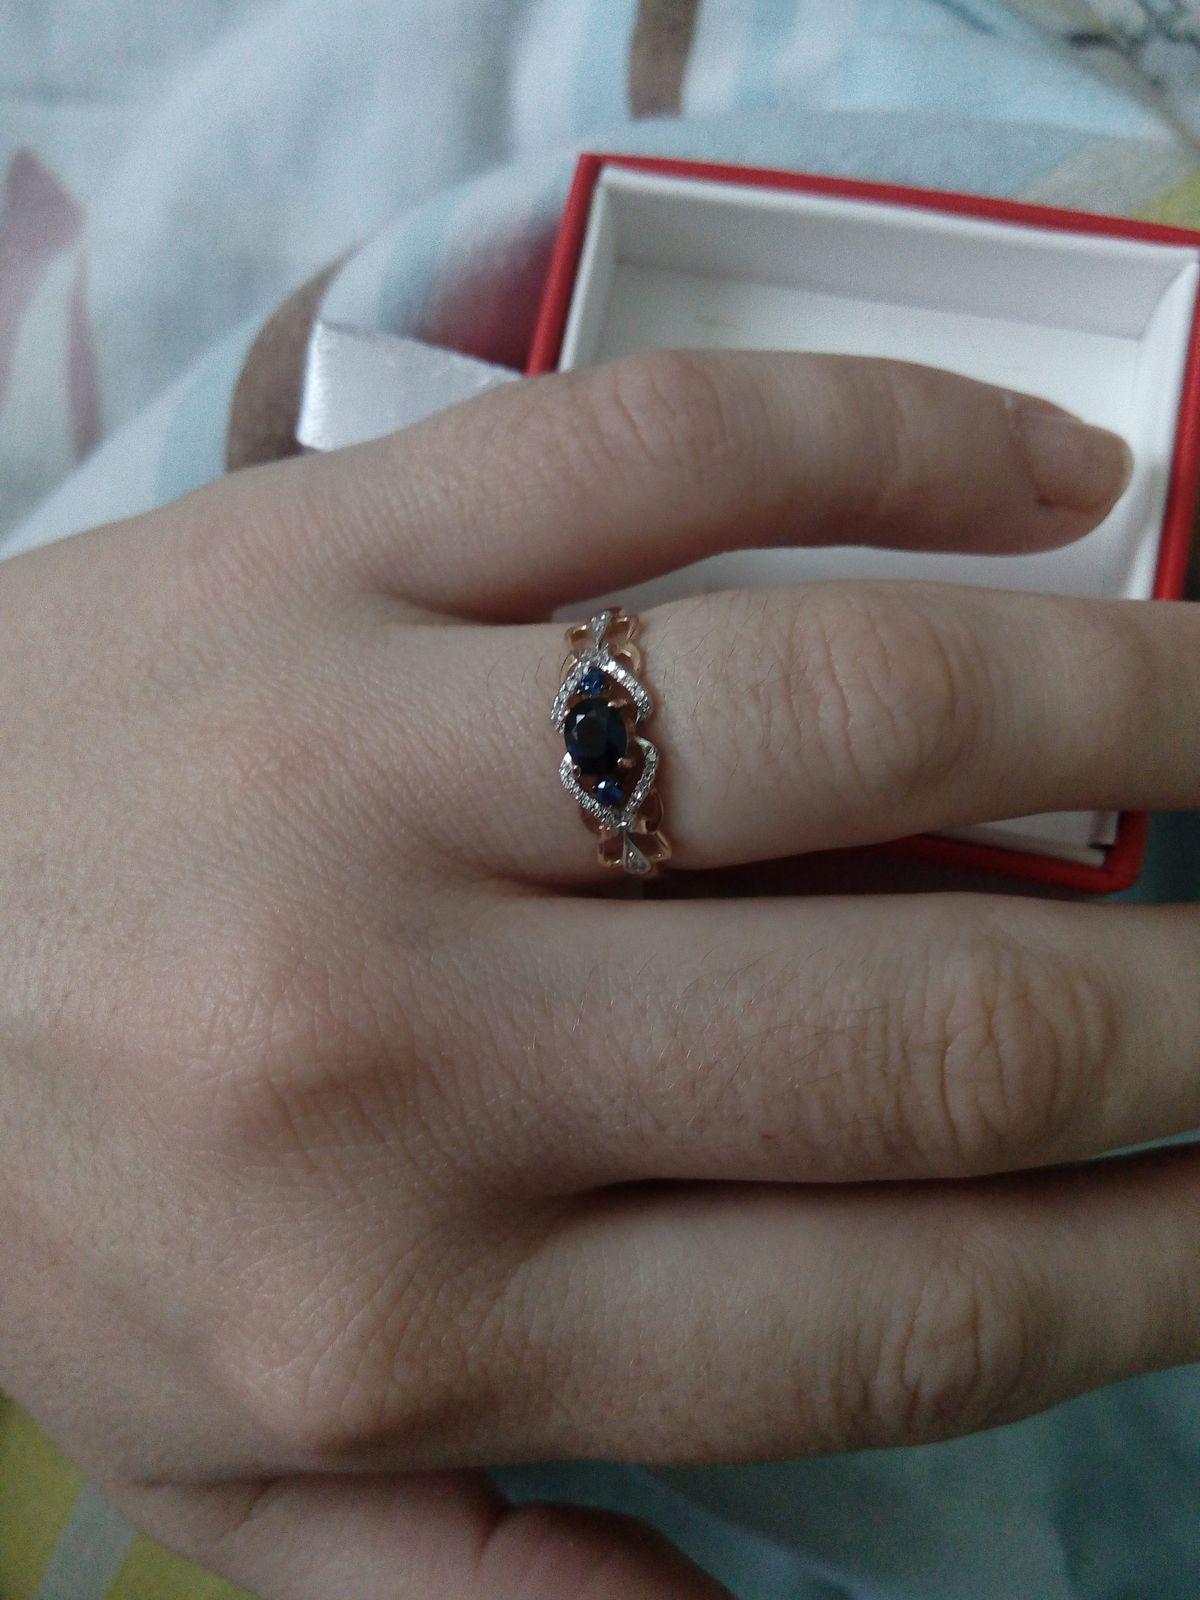 Предложение выйти замуж, я не смогла отказаться. Я была очарована кольцом!!